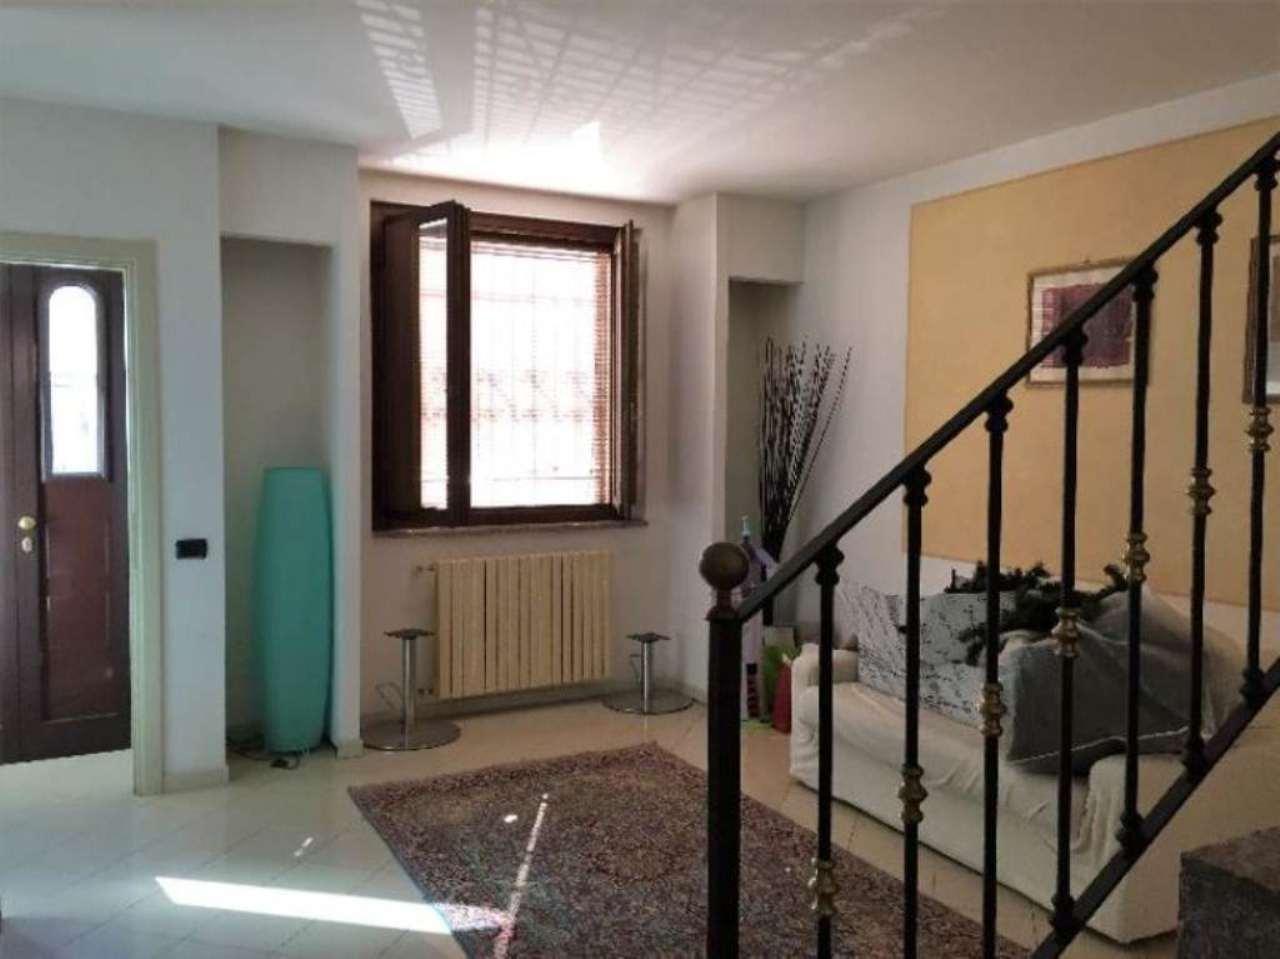 Rustico / Casale in vendita a Sesto ed Uniti, 3 locali, prezzo € 133.000 | Cambio Casa.it